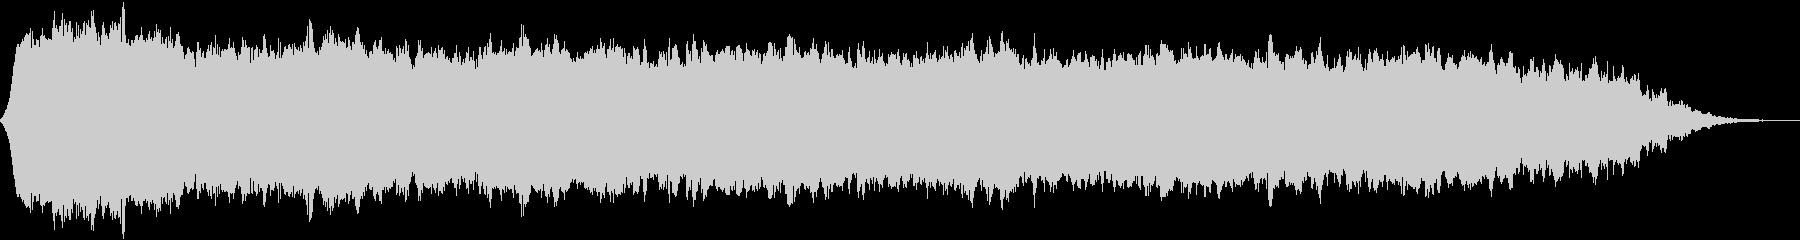 【ダークアンビエント】退廃的なBGM_2の未再生の波形